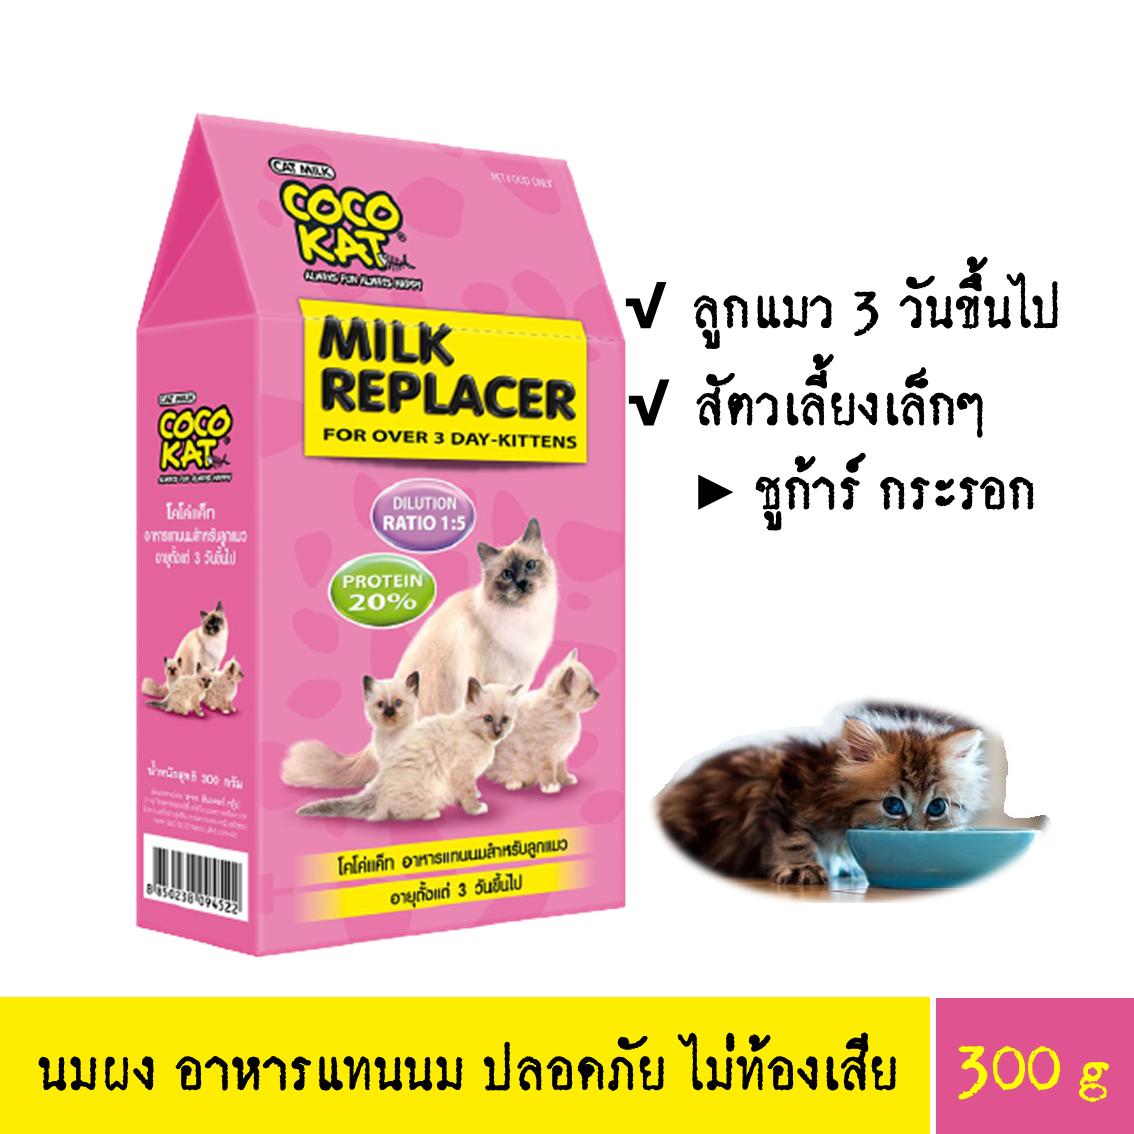 นมผง Cocokat Milk Replacer 300g แบบชง อาหารแทนนม ลูกแมวอายุตั้งแต่ 3 วันขึ้นไป และสัตวเลี้ยงเล็กๆ ชูก้าร์ กระรอก โคโค่แค็ท ขนาด 300 กรัม.